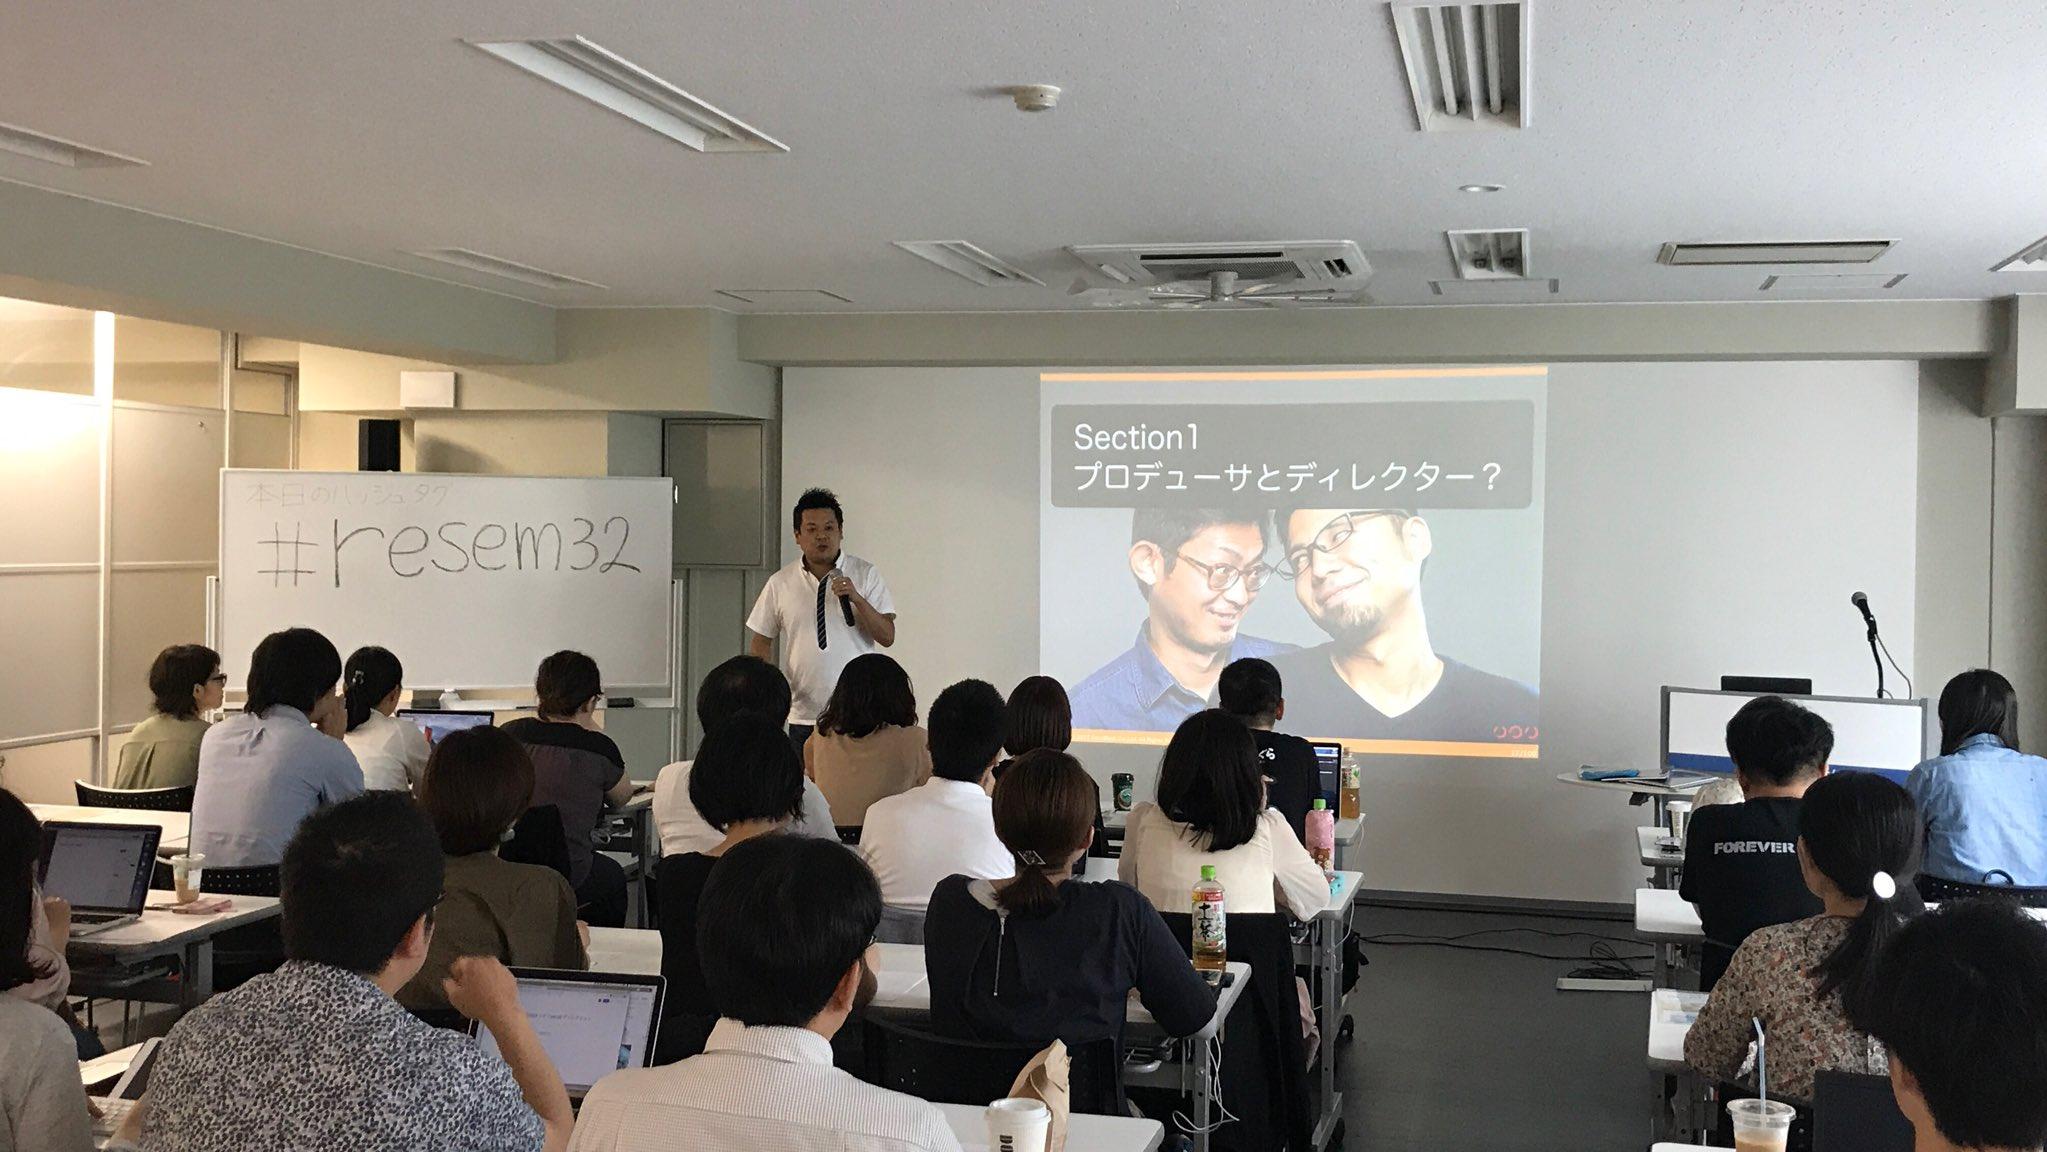 #resem32 始まりました。まずはディレクターの名村さんからです。 https://t.co/G5Res5xrKk